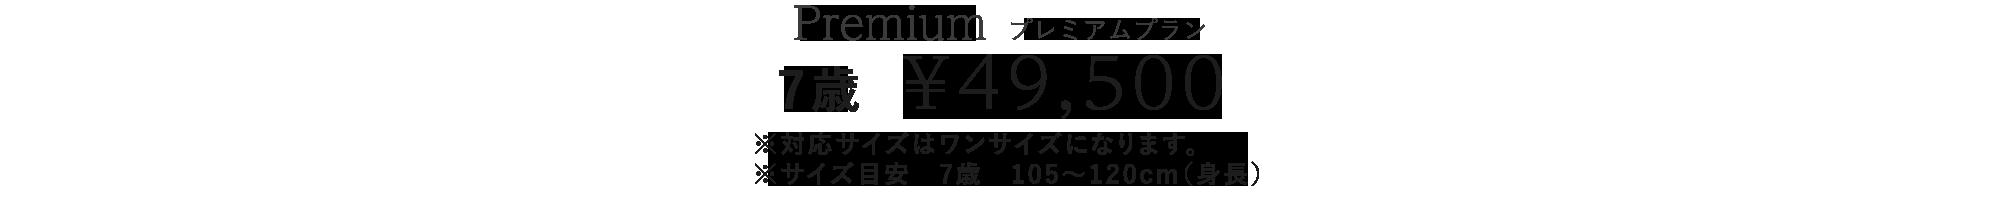 7歳45,000円プラン